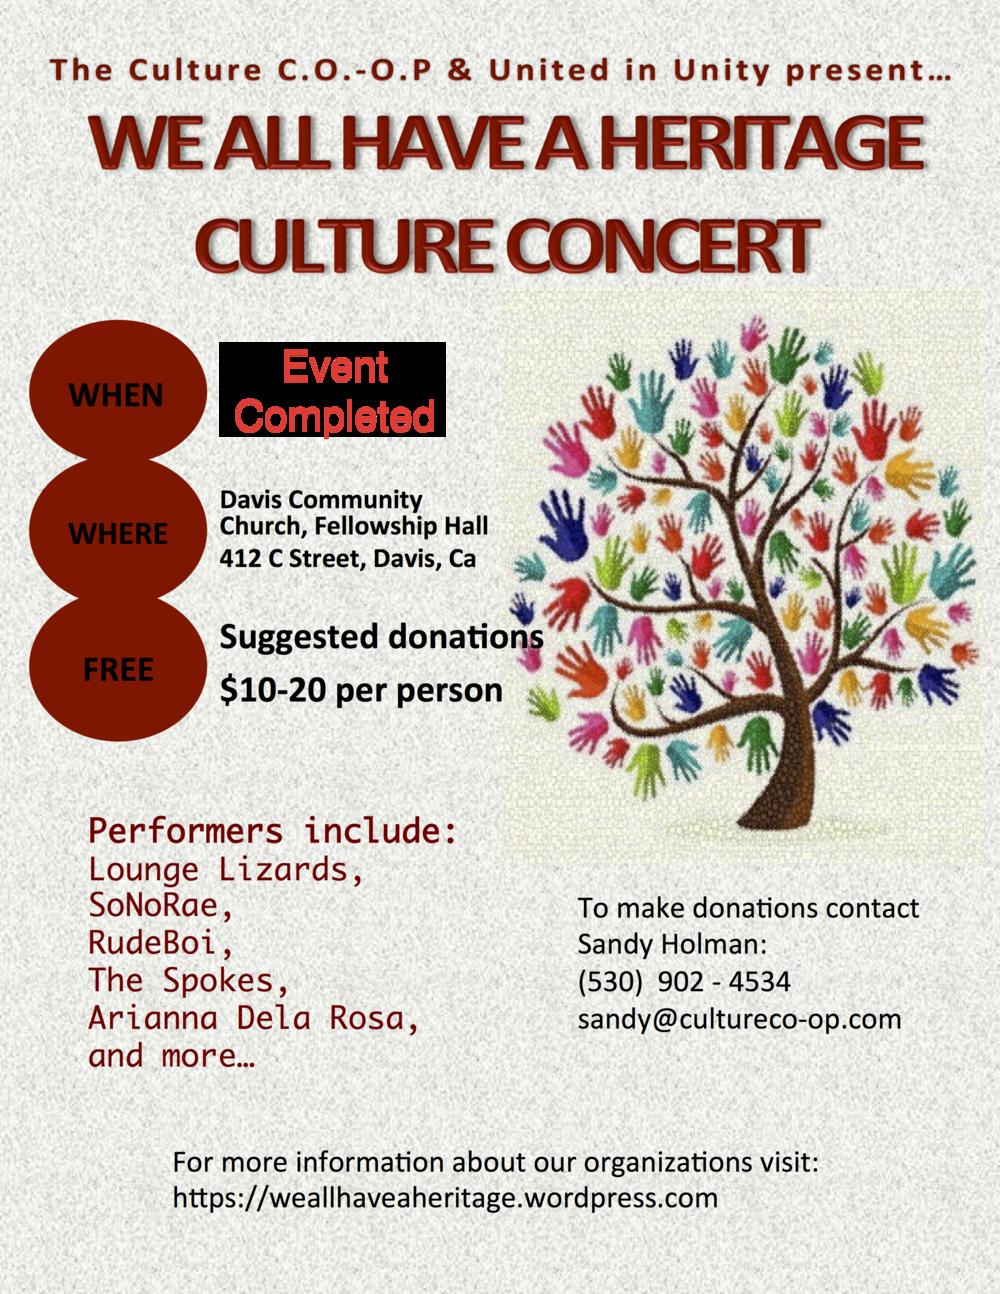 WAHAH+Concert+Flyer.png